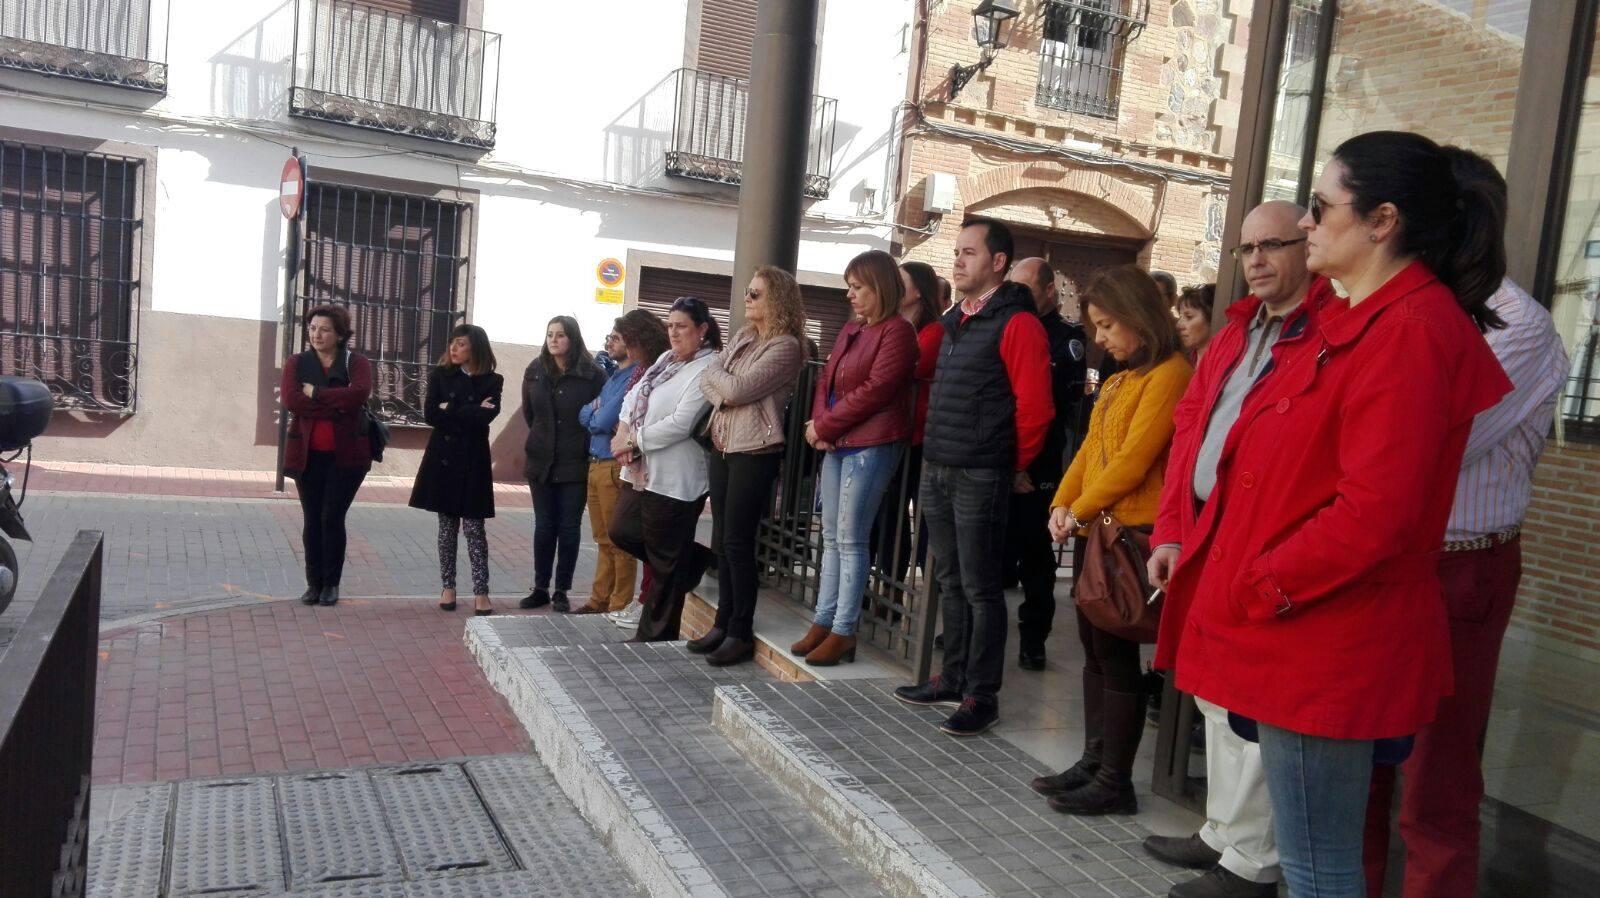 herencia contra violencia de genero - Silencio en Herencia contra la violencia de género en apoyo a Campo de Criptana